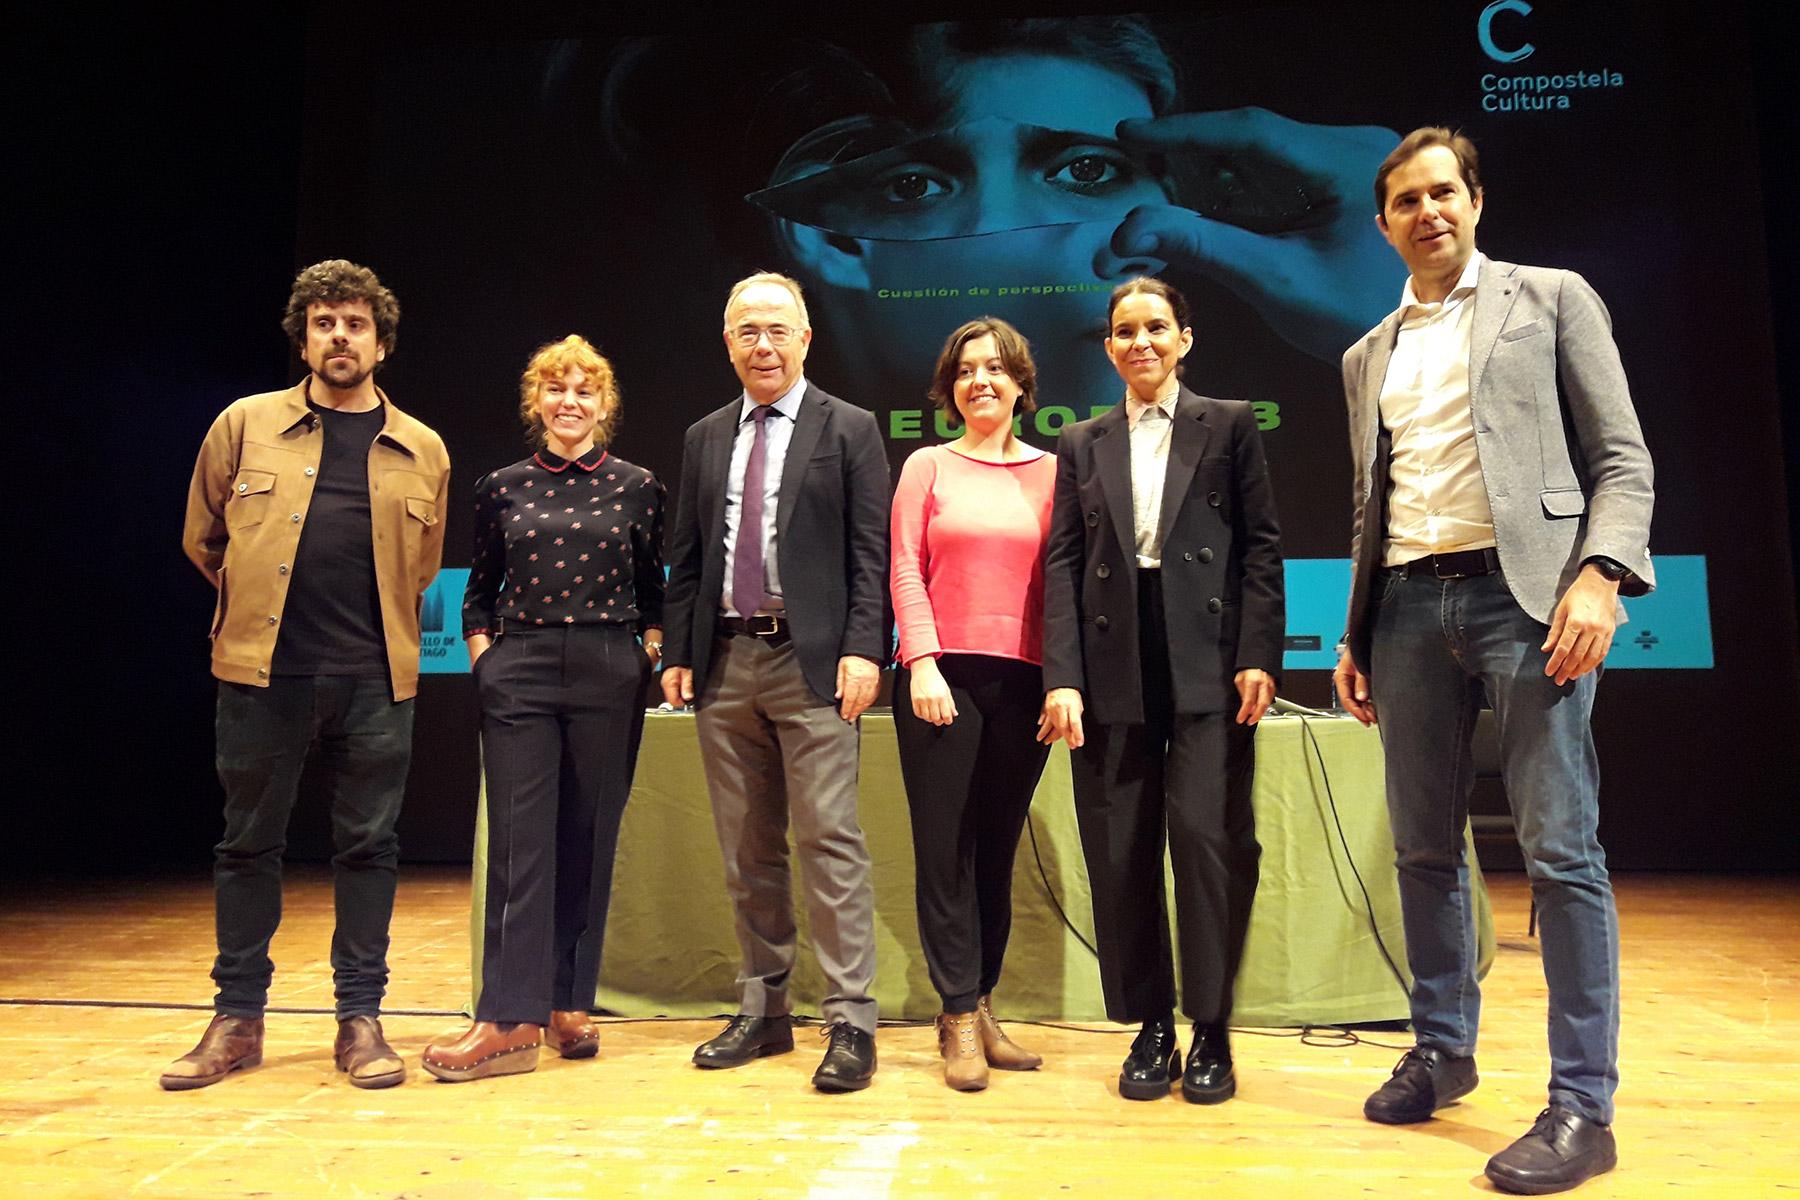 Cineuropa recoñece as traxectorias das actrices María Vázquez e Emma Suárez e da directora Rita Azevedo na súa 33ª edición